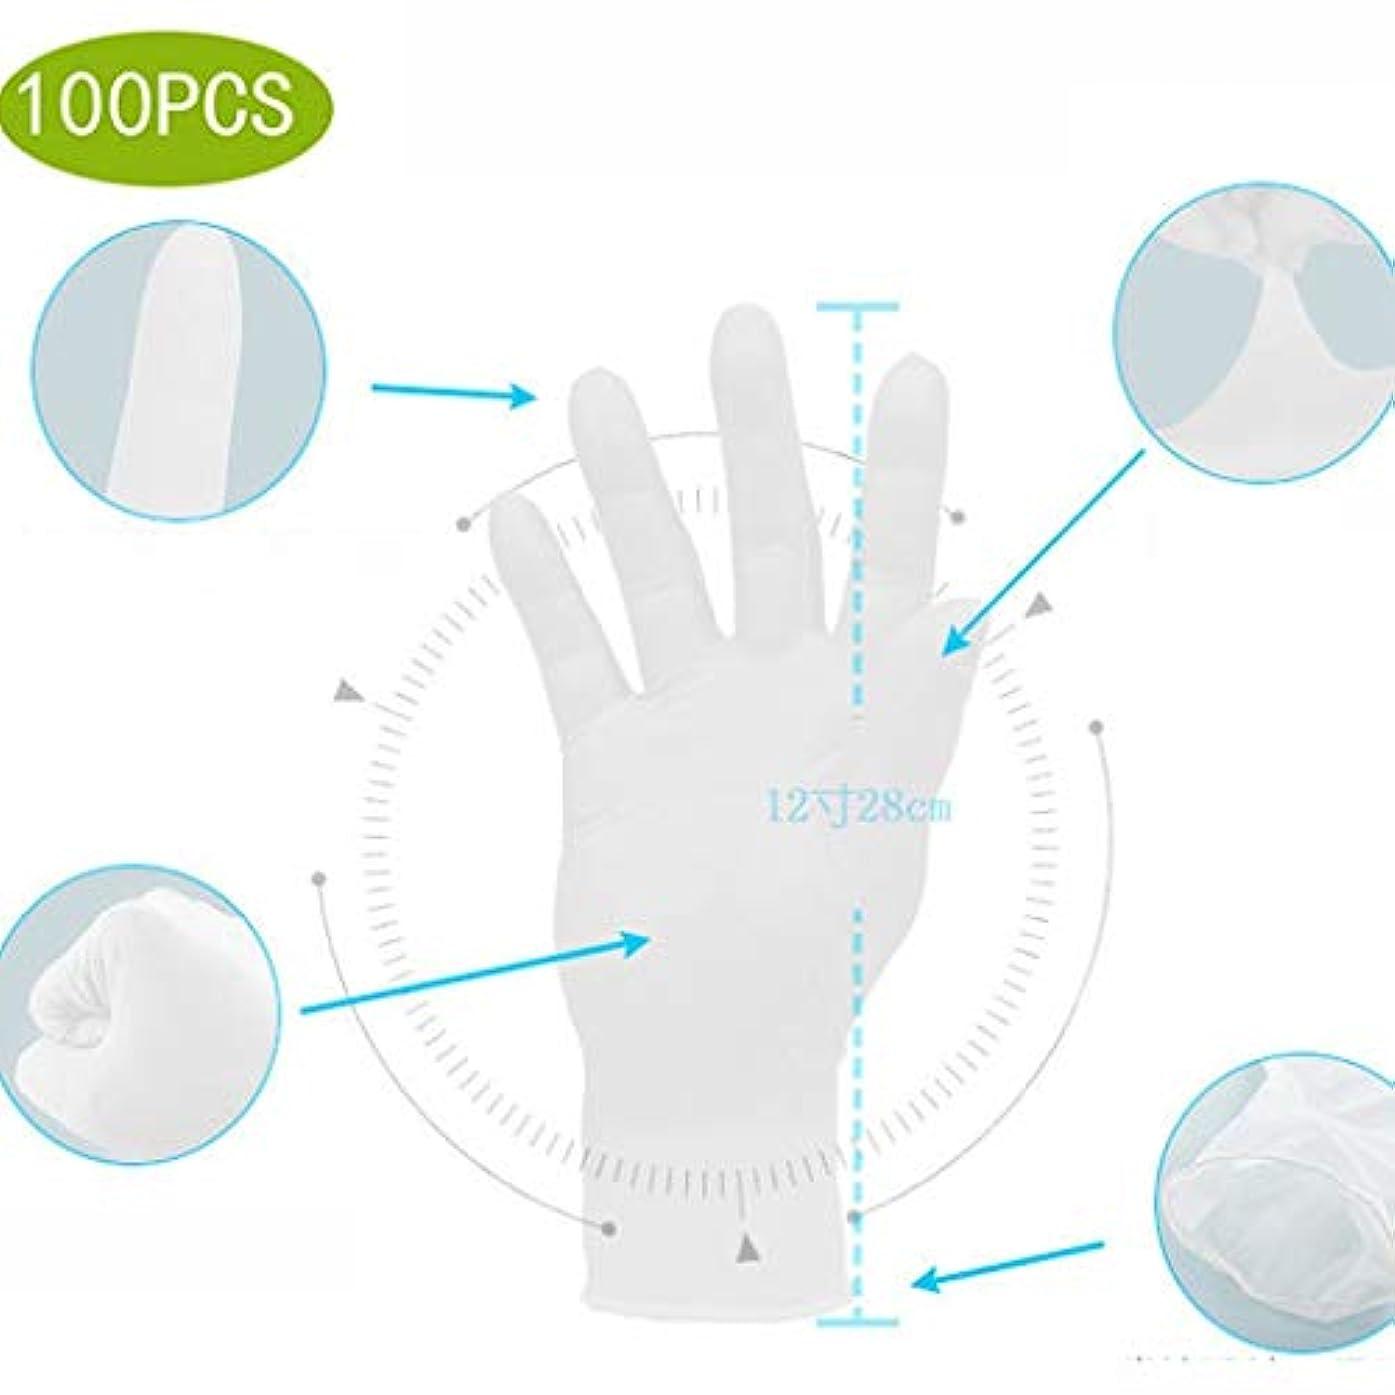 間欠めまい滅びる使い捨てニトリル手袋、100箱、白手袋、食品衛生処理、医療業界での検査、ニトリル手袋 (Color : White, Size : L)